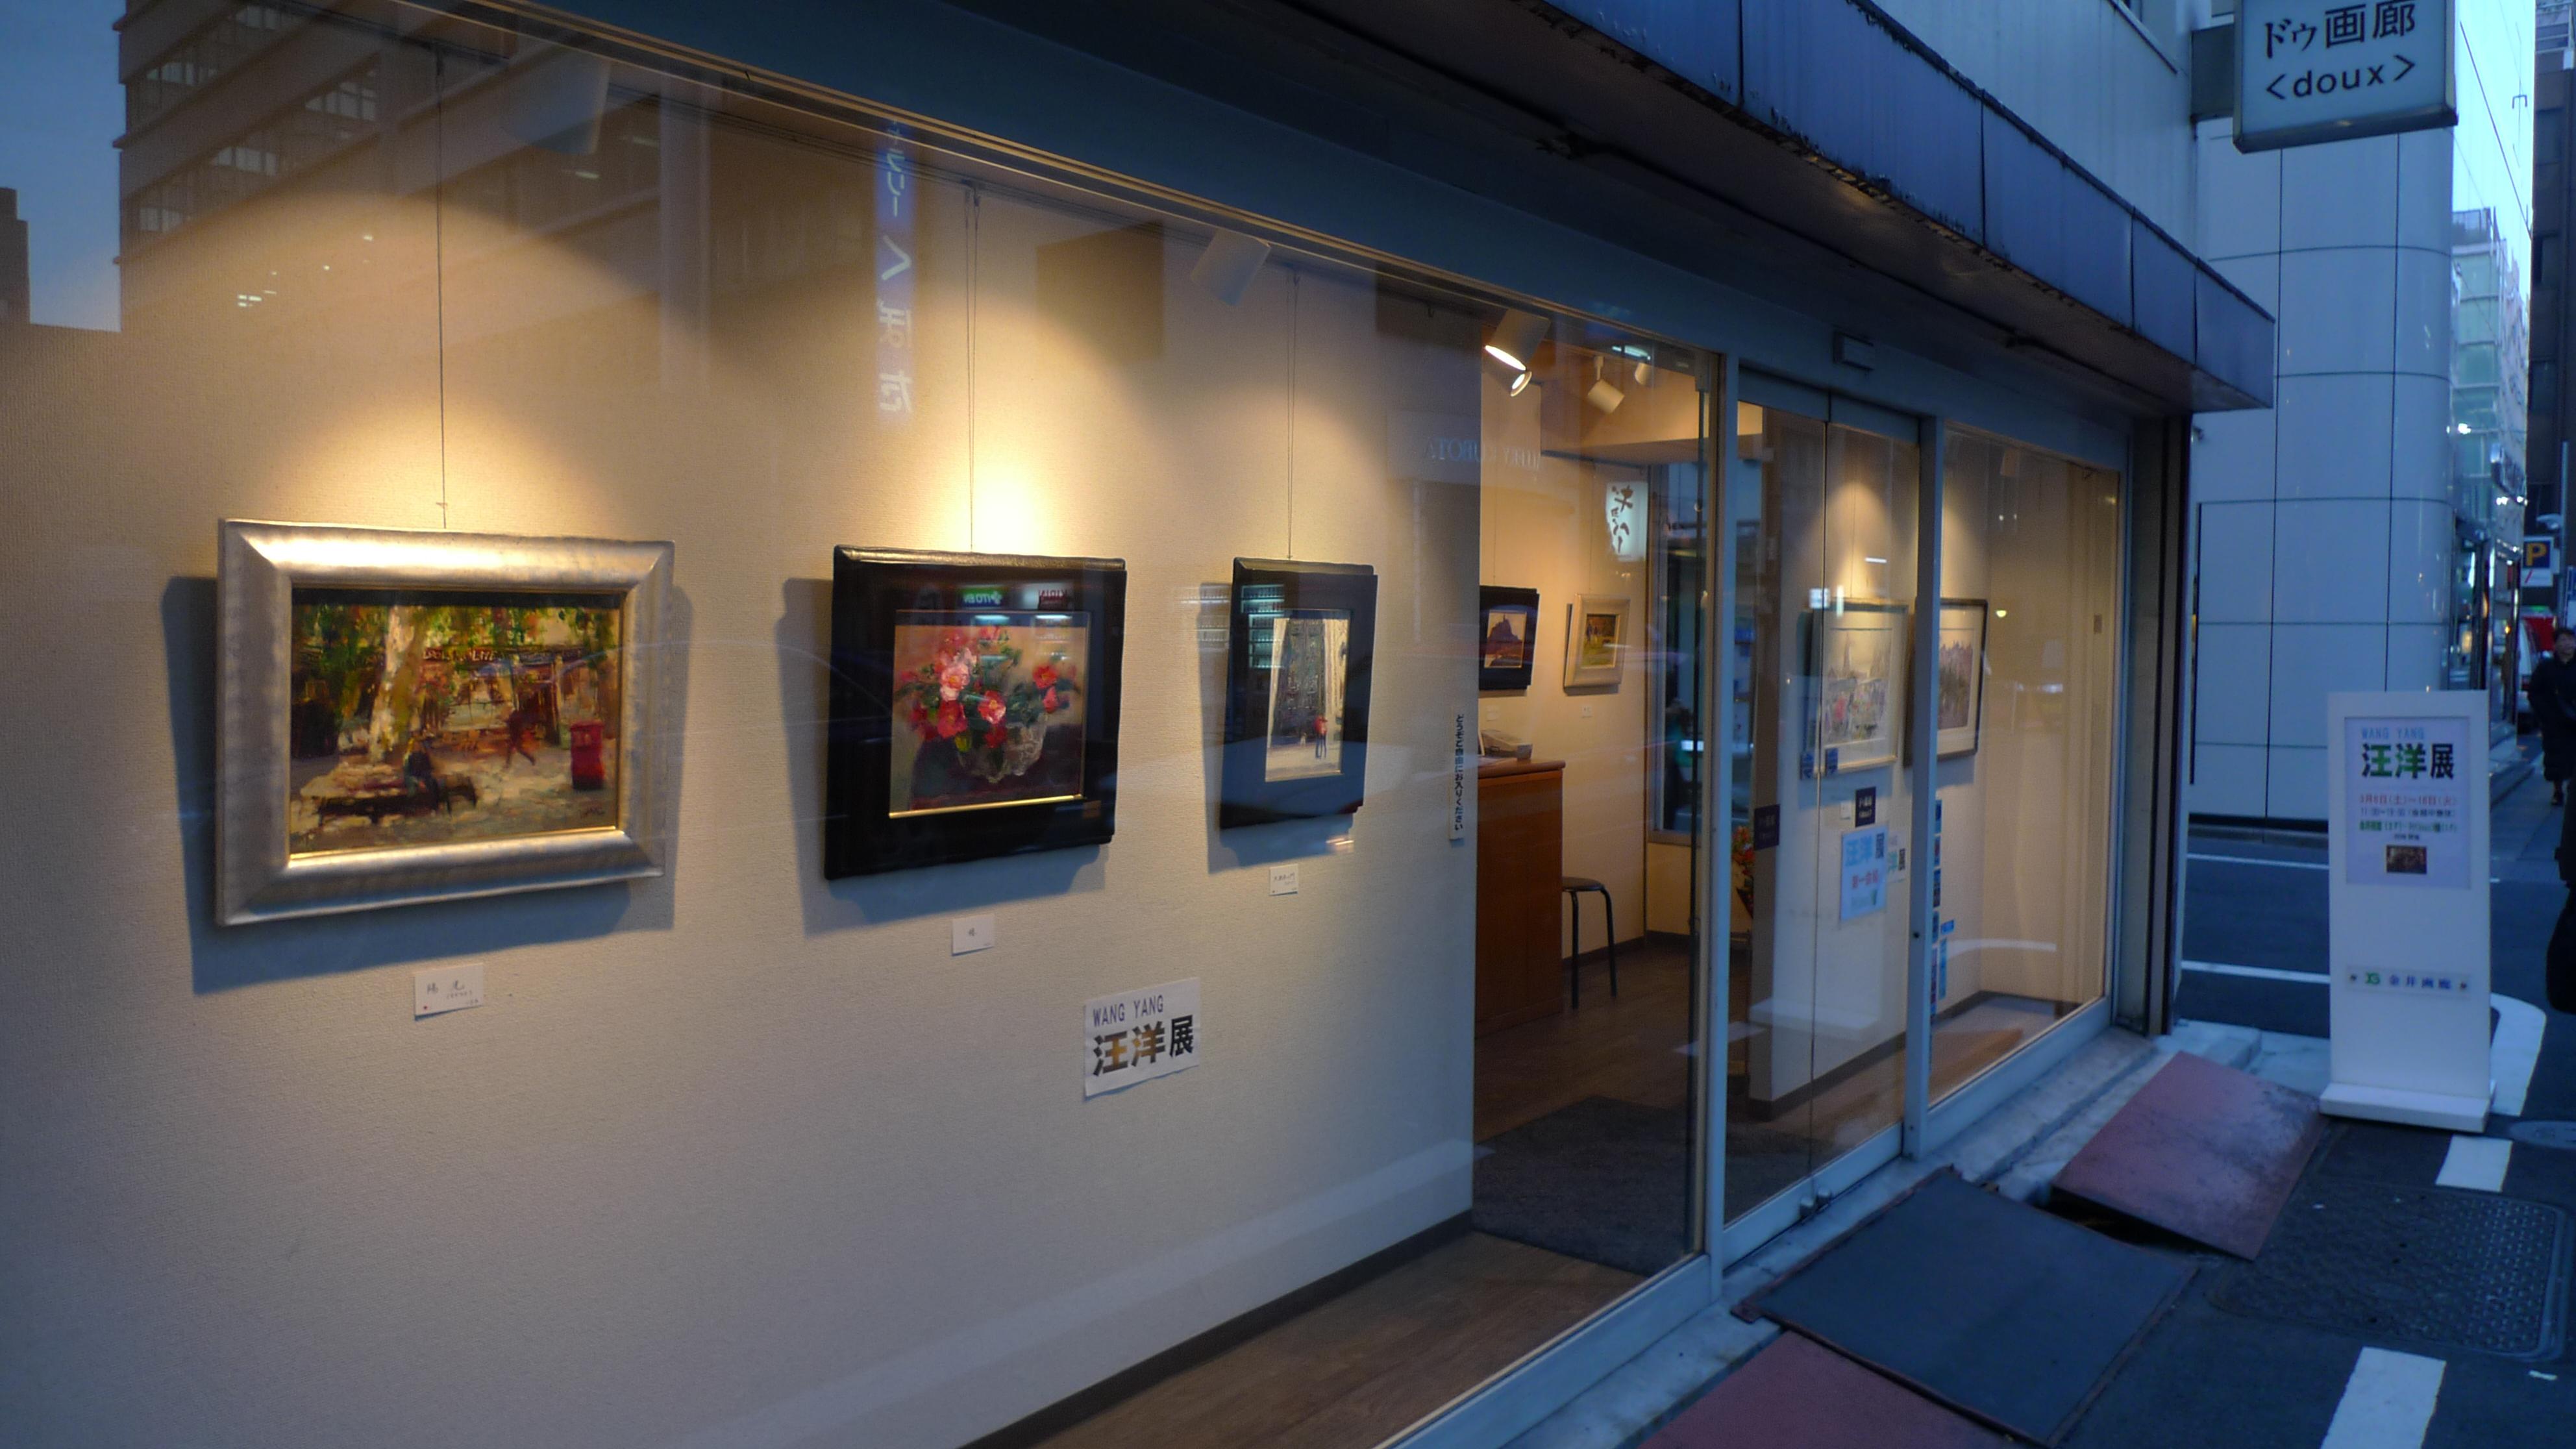 「京橋 画廊」の画像検索結果